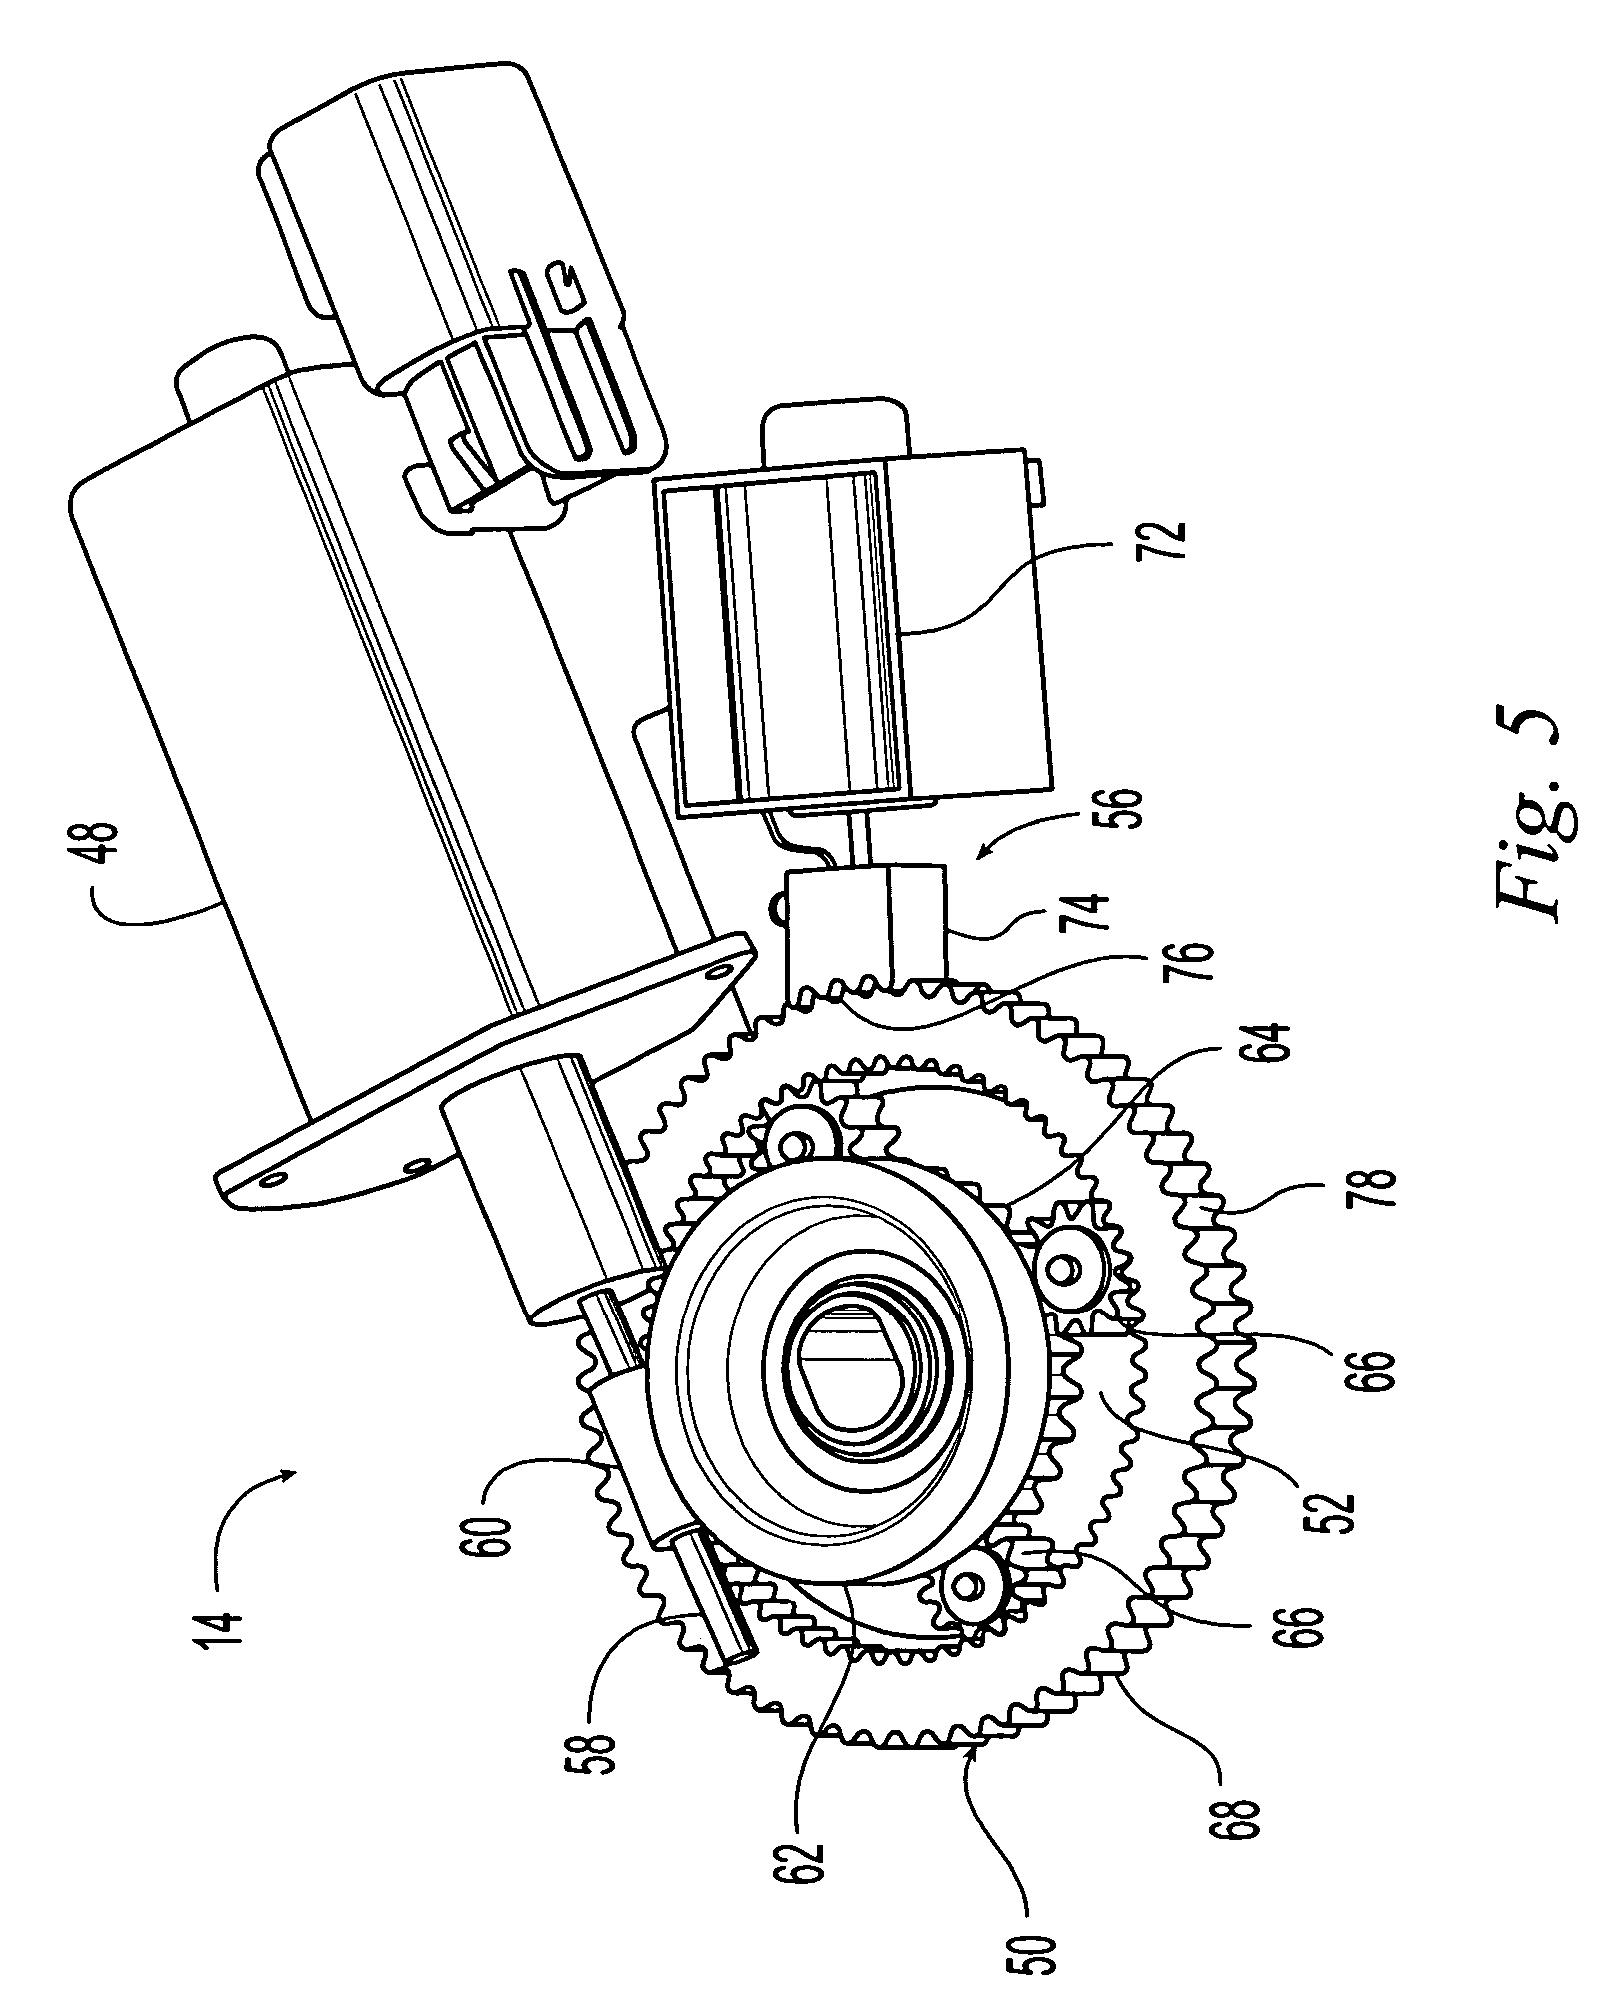 Shift Actuator Wiring Diagram For Mercruiser Wiring Shift